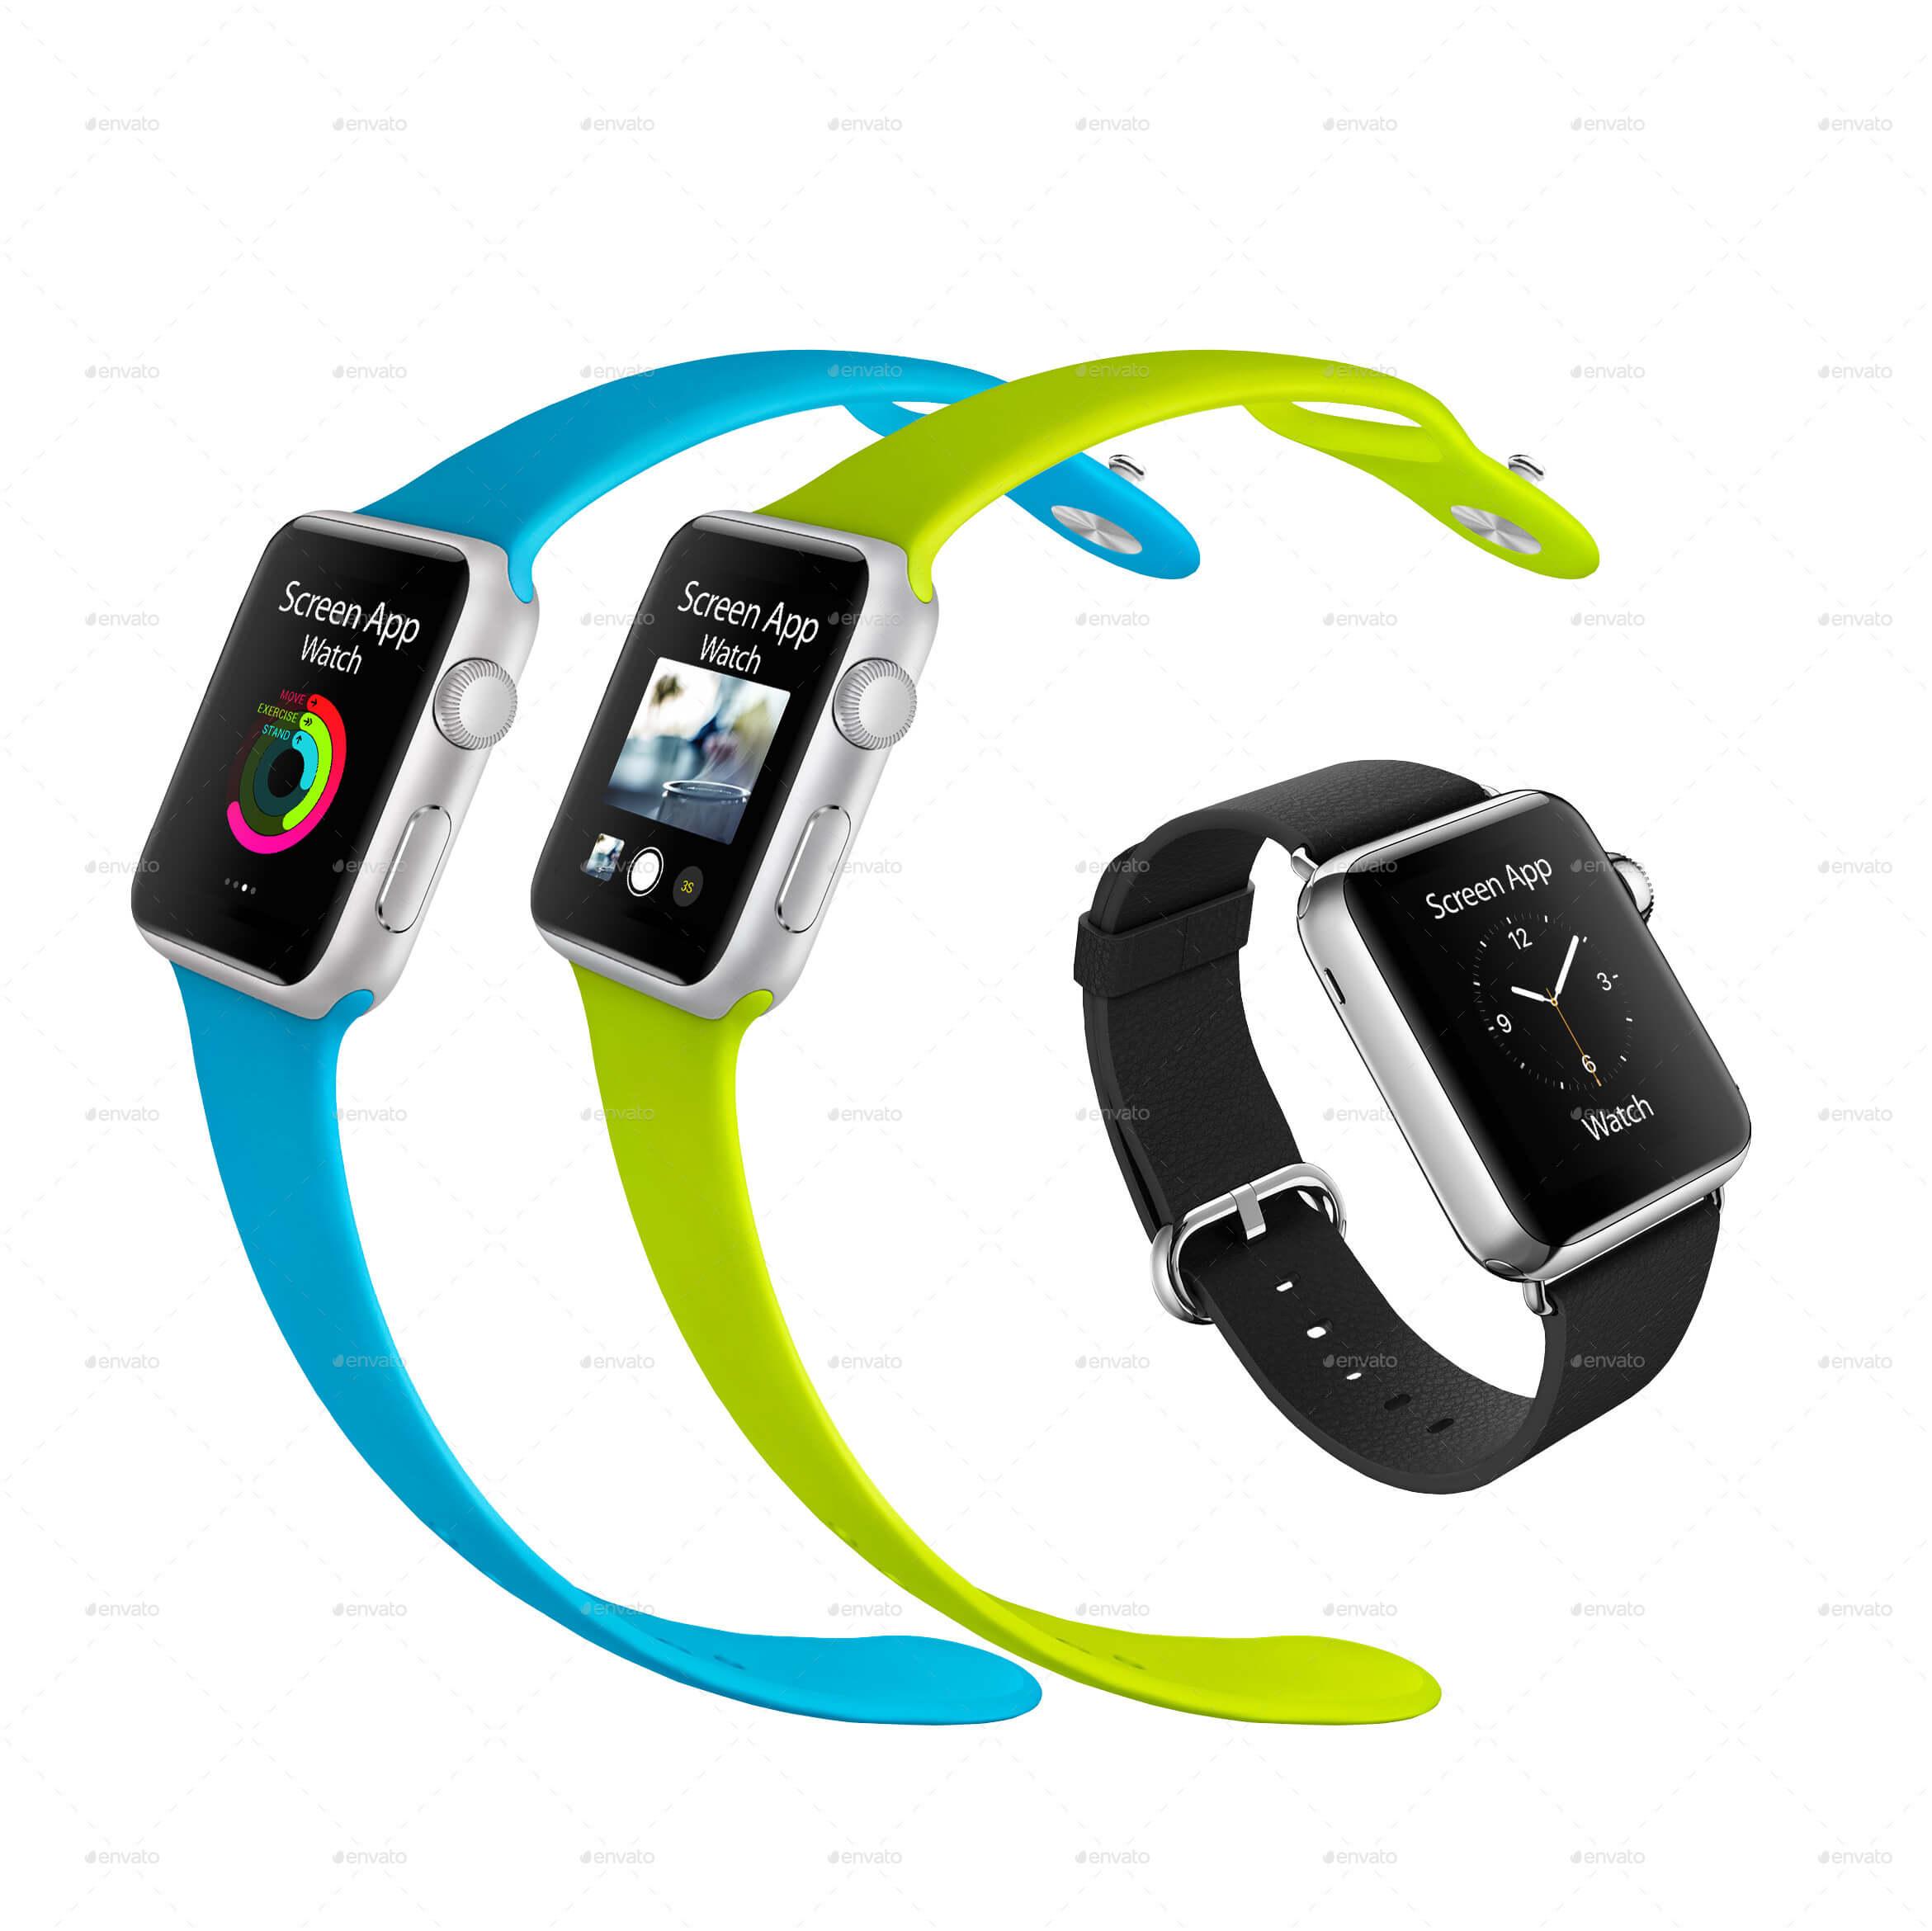 Apple Watch Mock-ups (1)